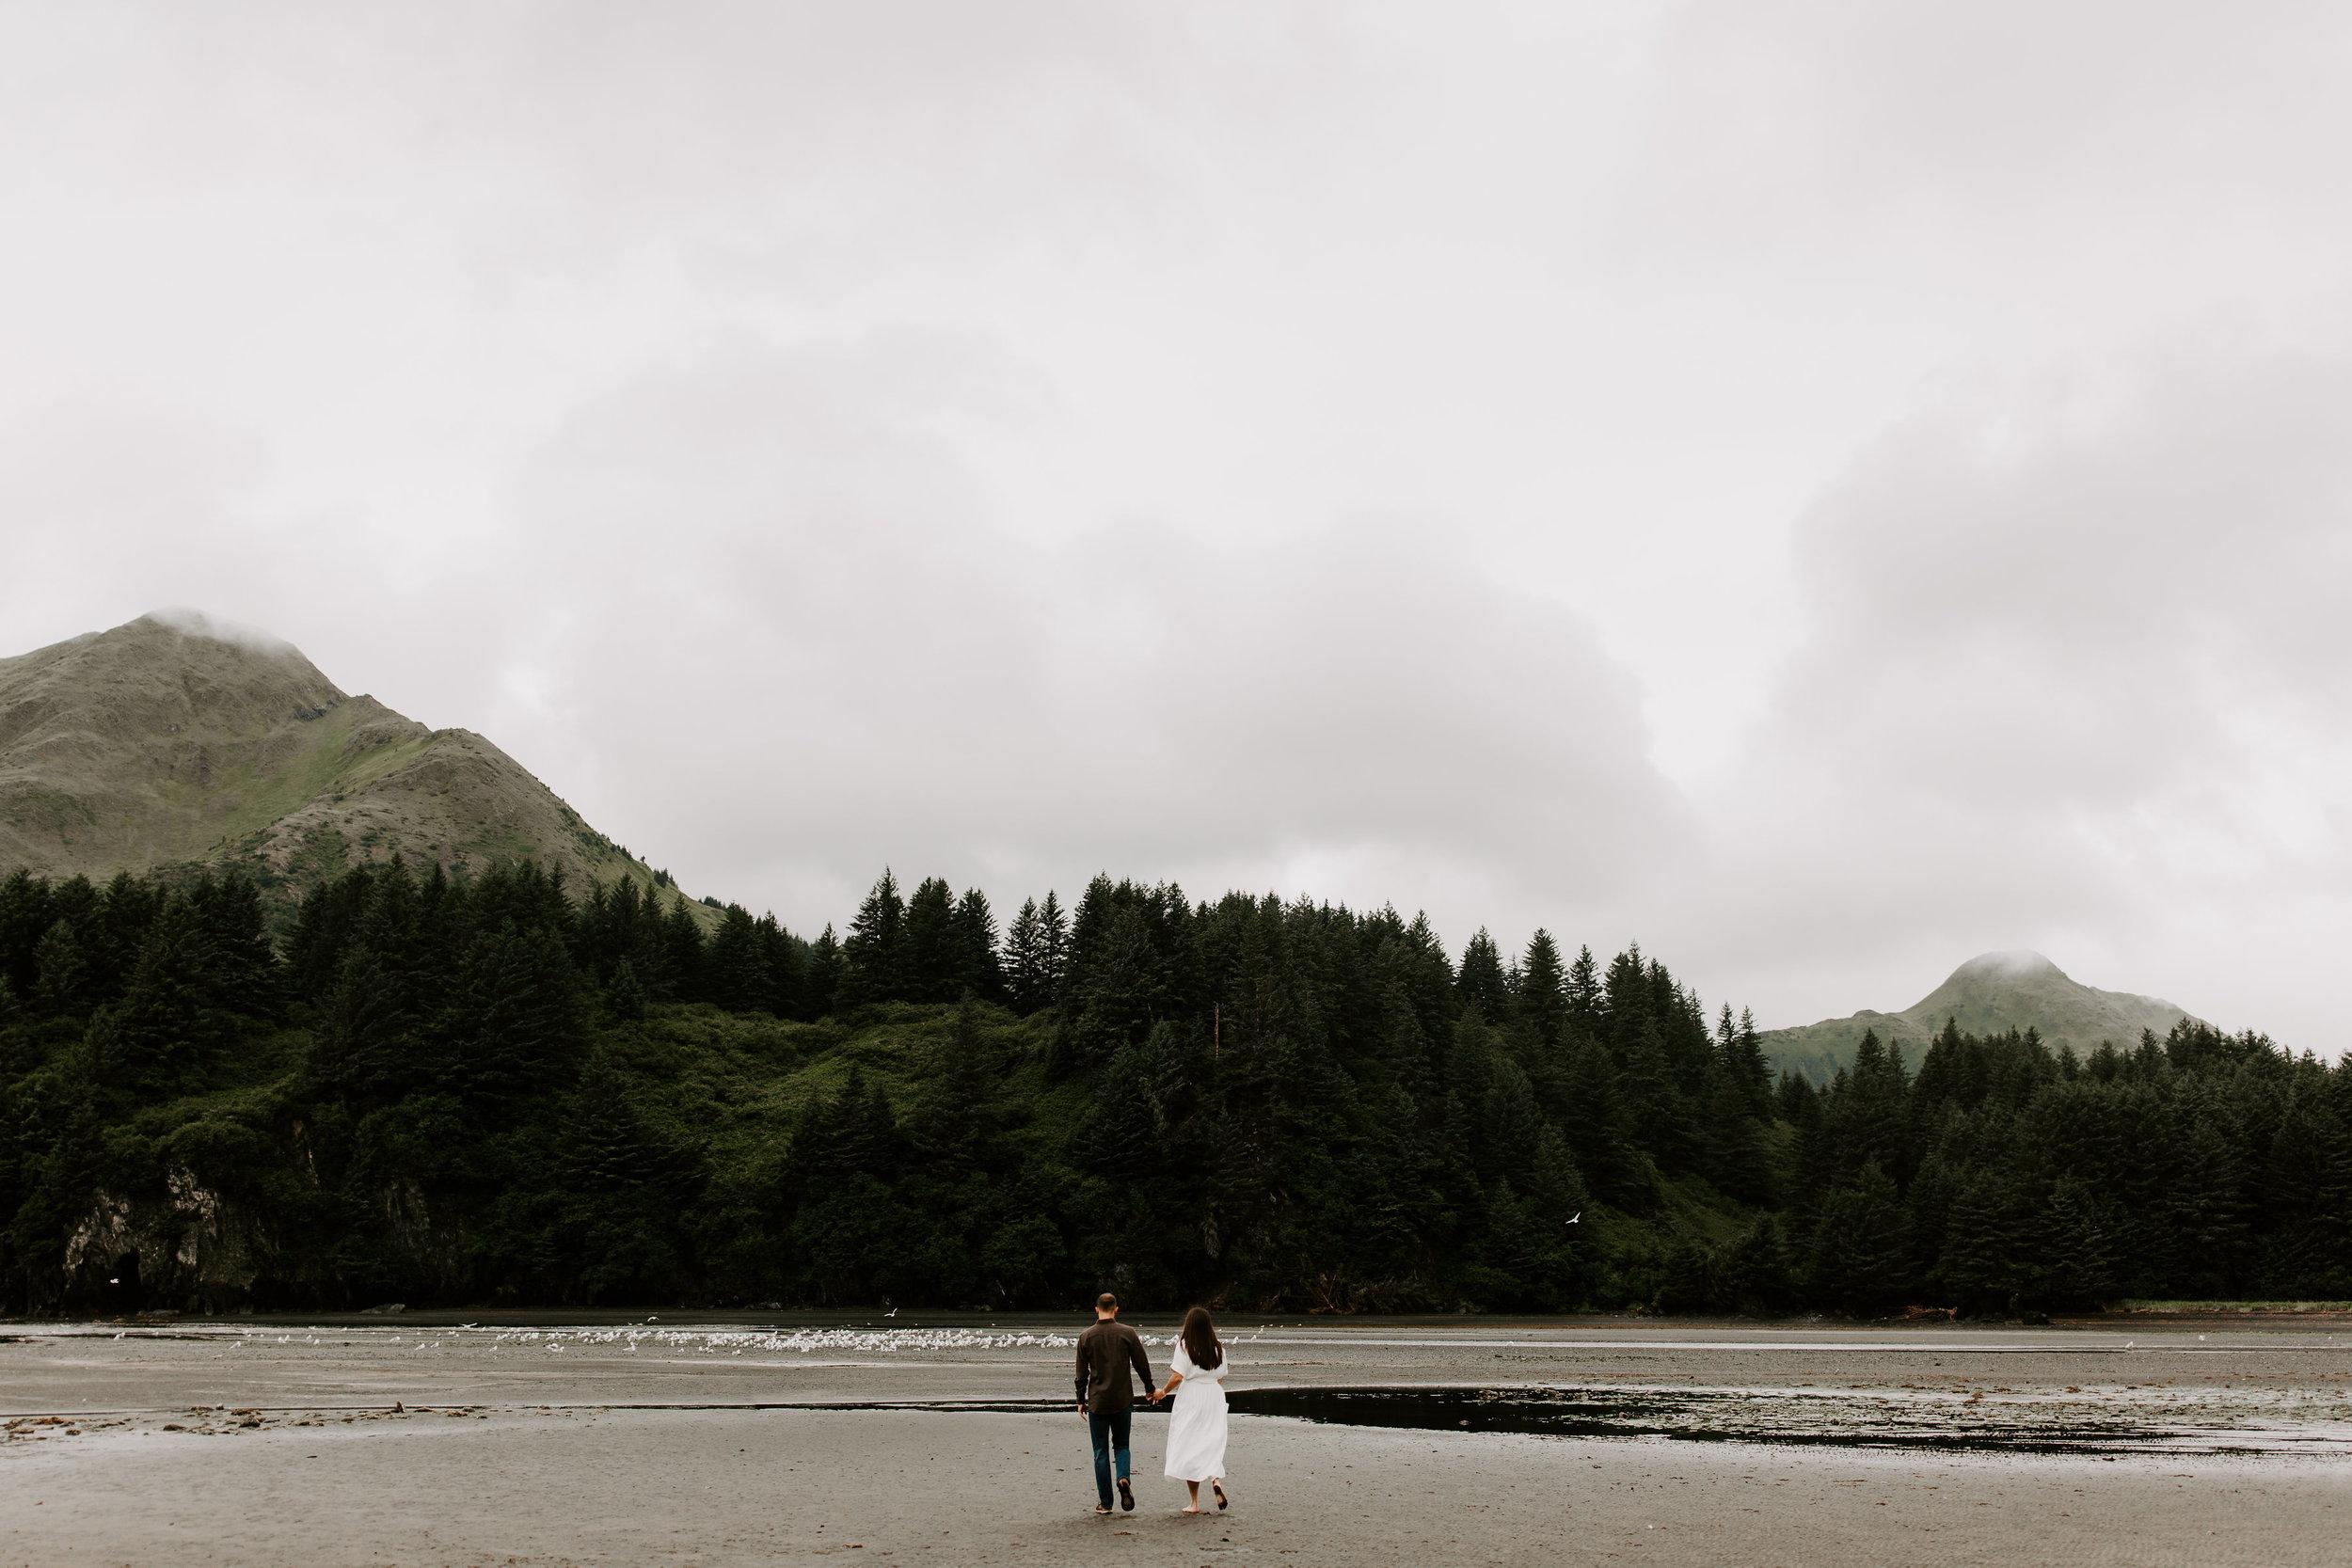 alaskaweddingphotography_SBP-3.jpg